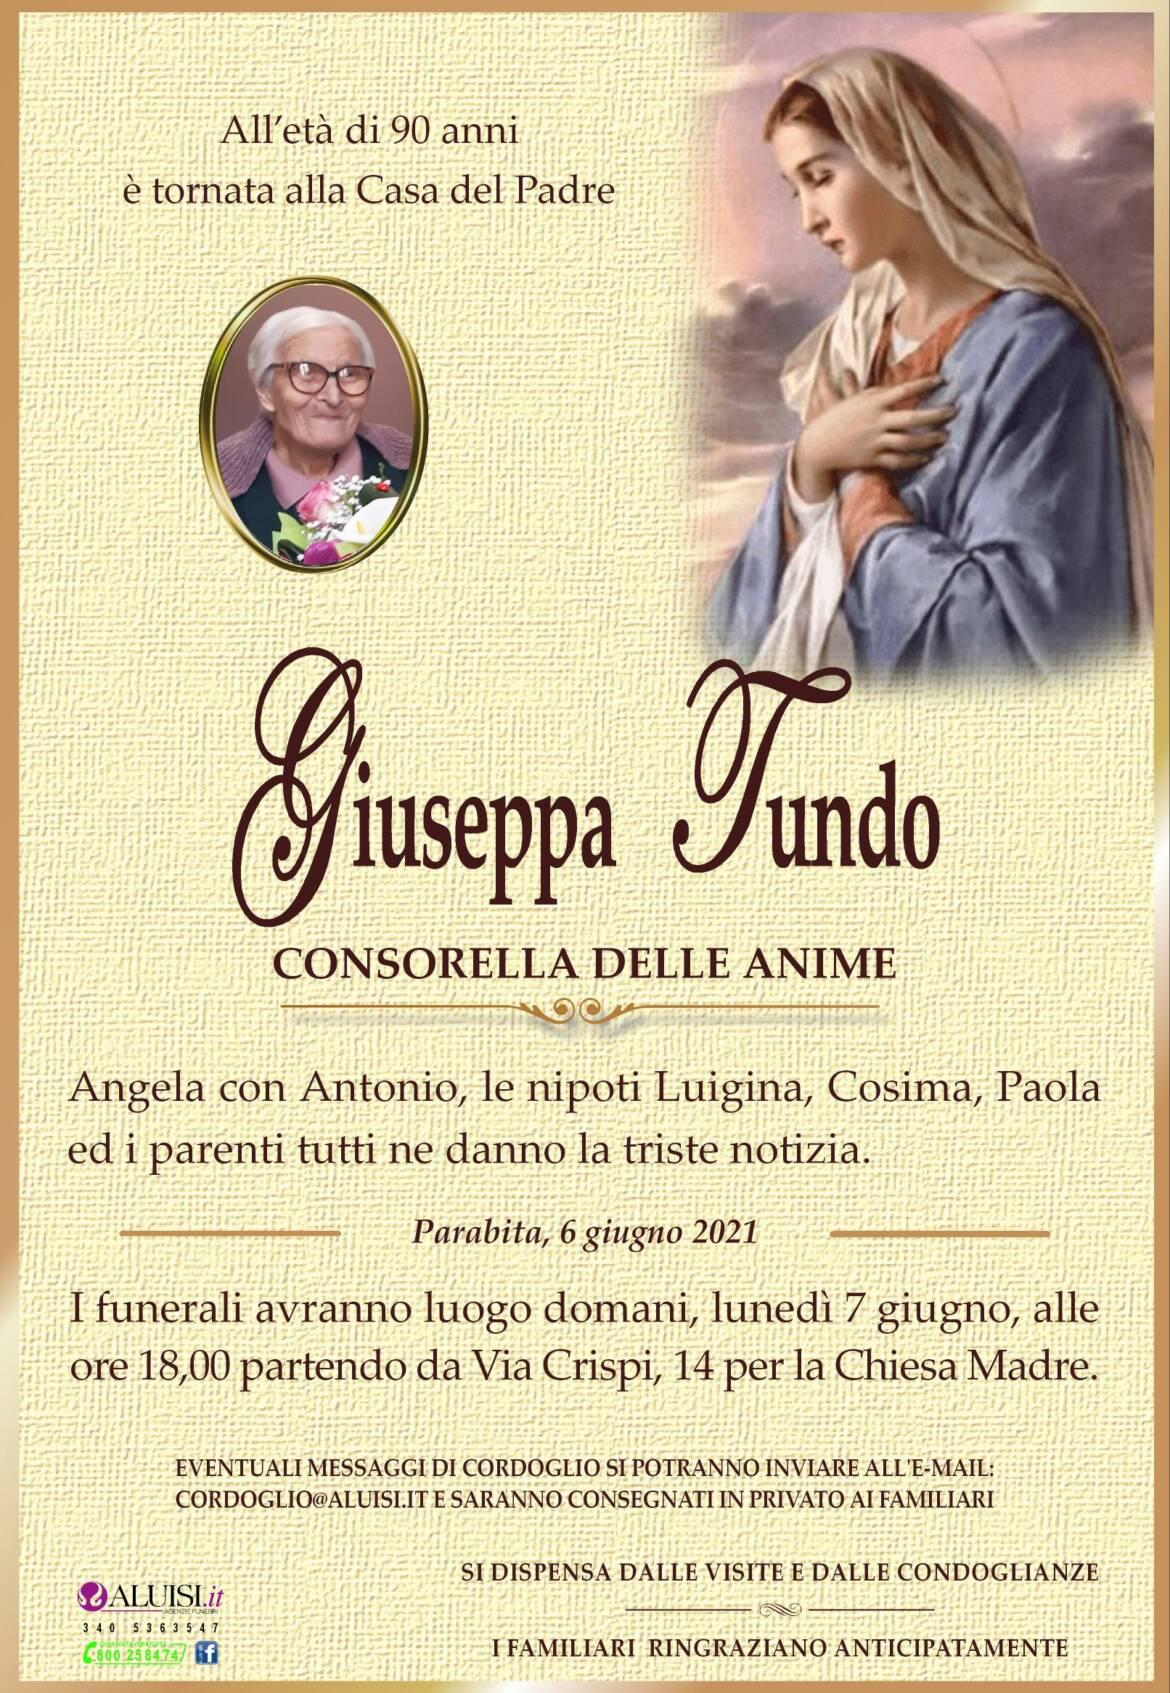 Annuncio-GIUSEPPA-TUNDO-PARABITA.jpg